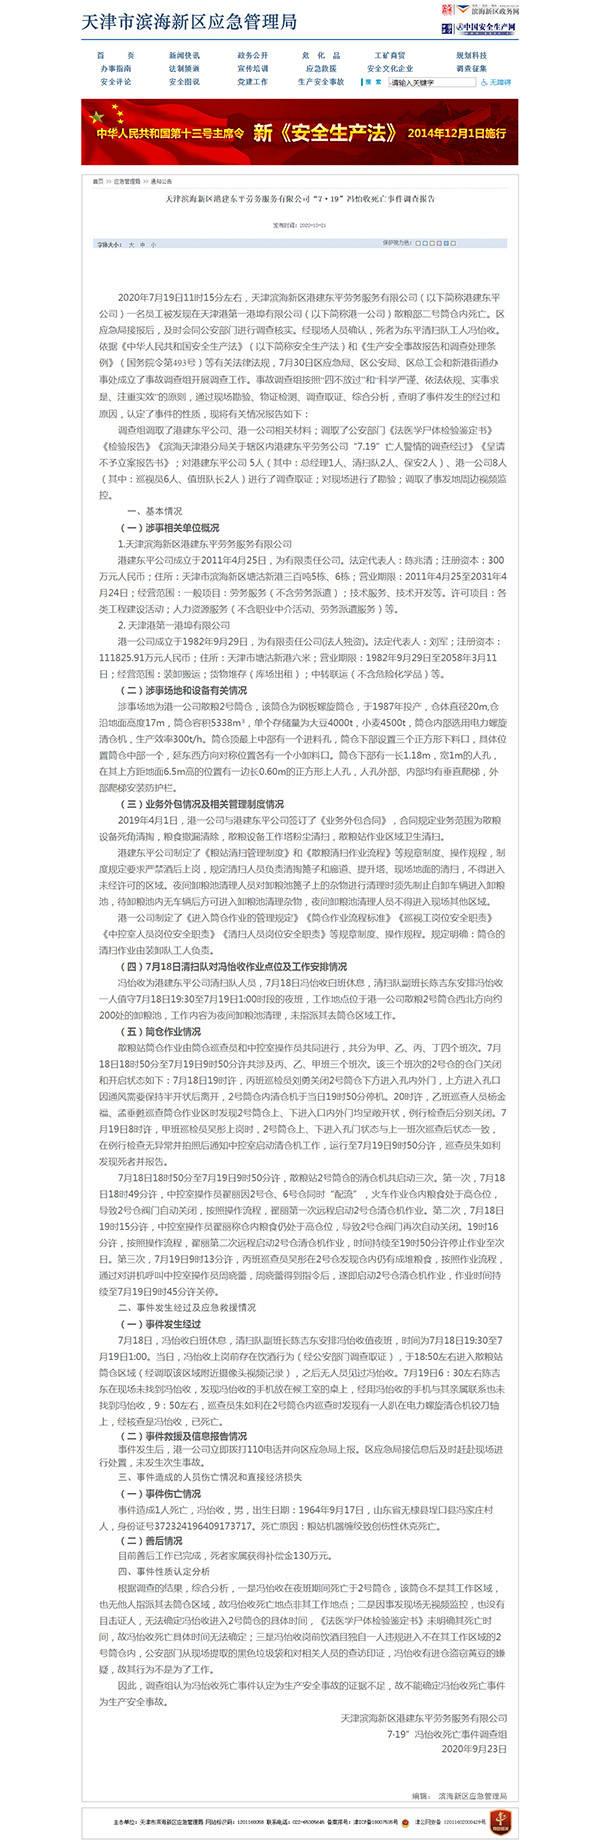 恒达官网天津一公司清扫工酒后疑偷粮站黄豆被机器绞死,家属获补130万